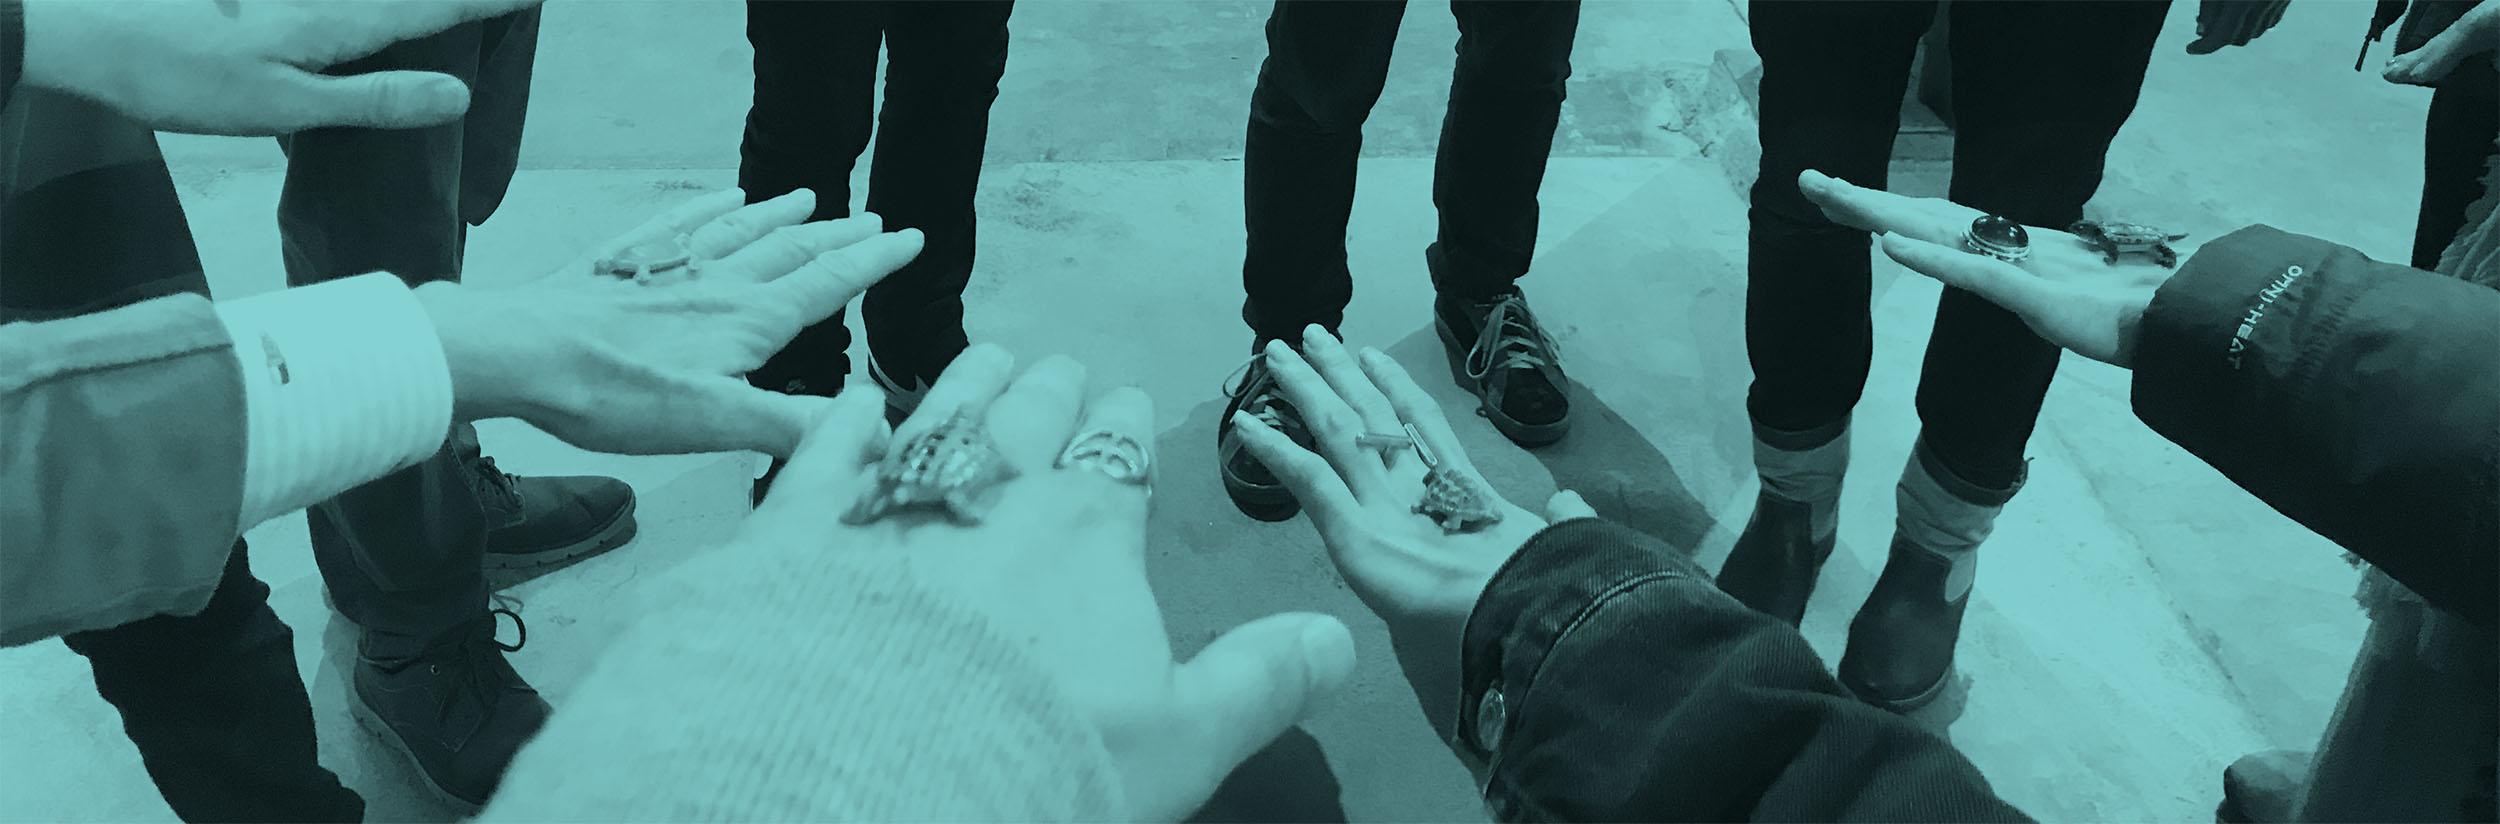 Reach Out -